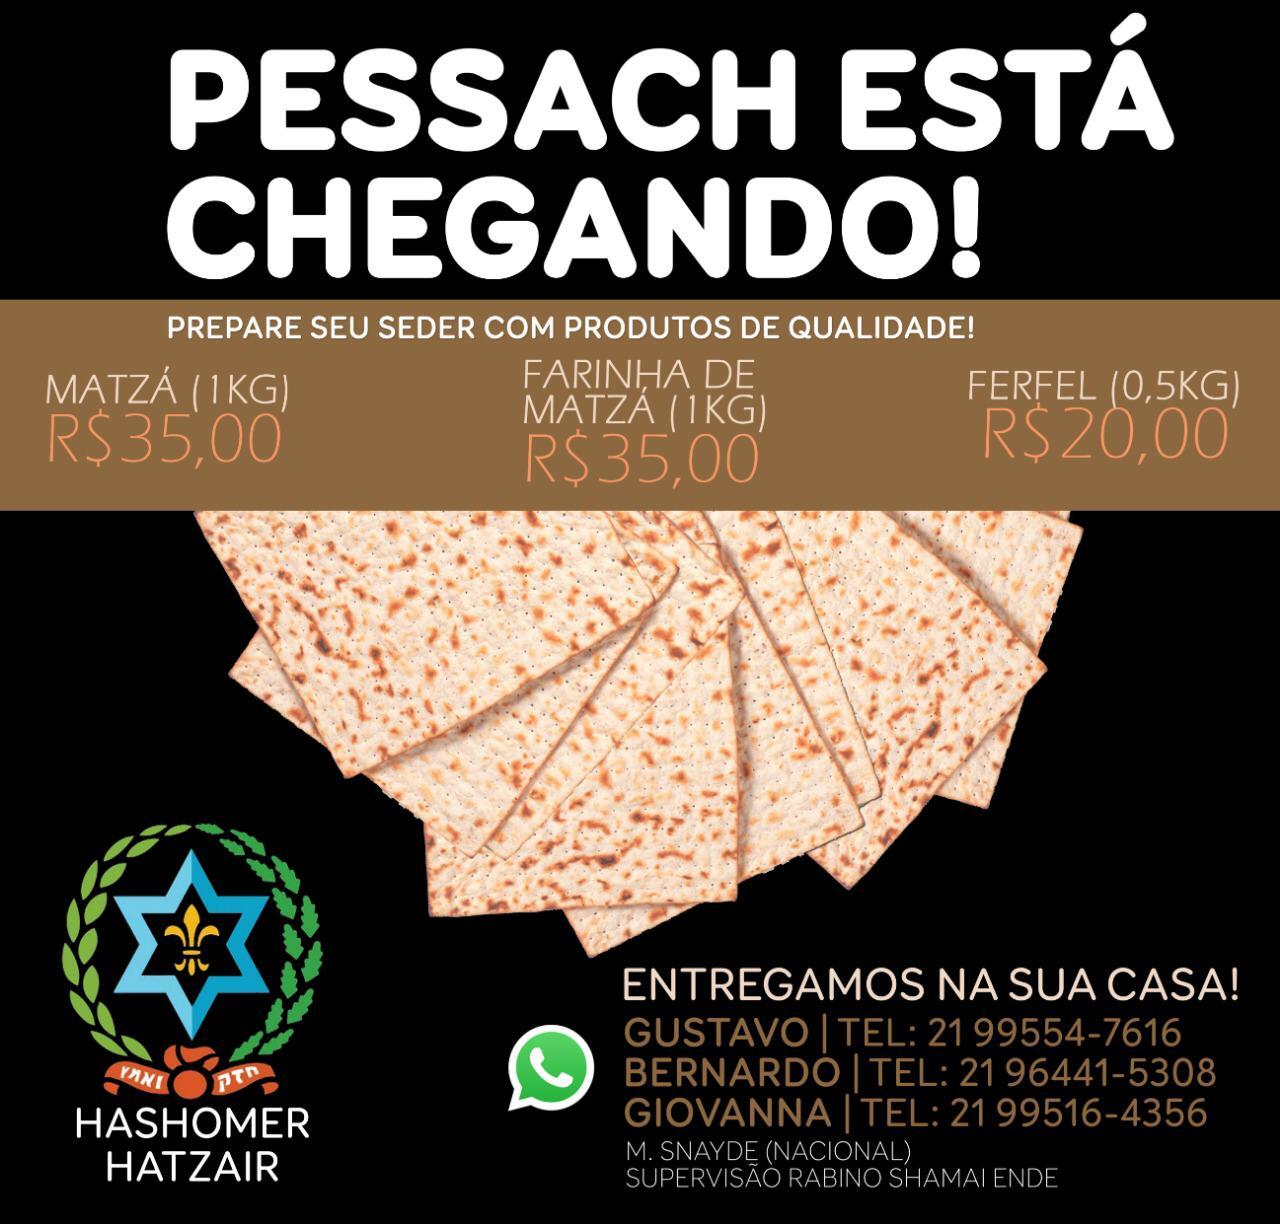 Hashomer_matza